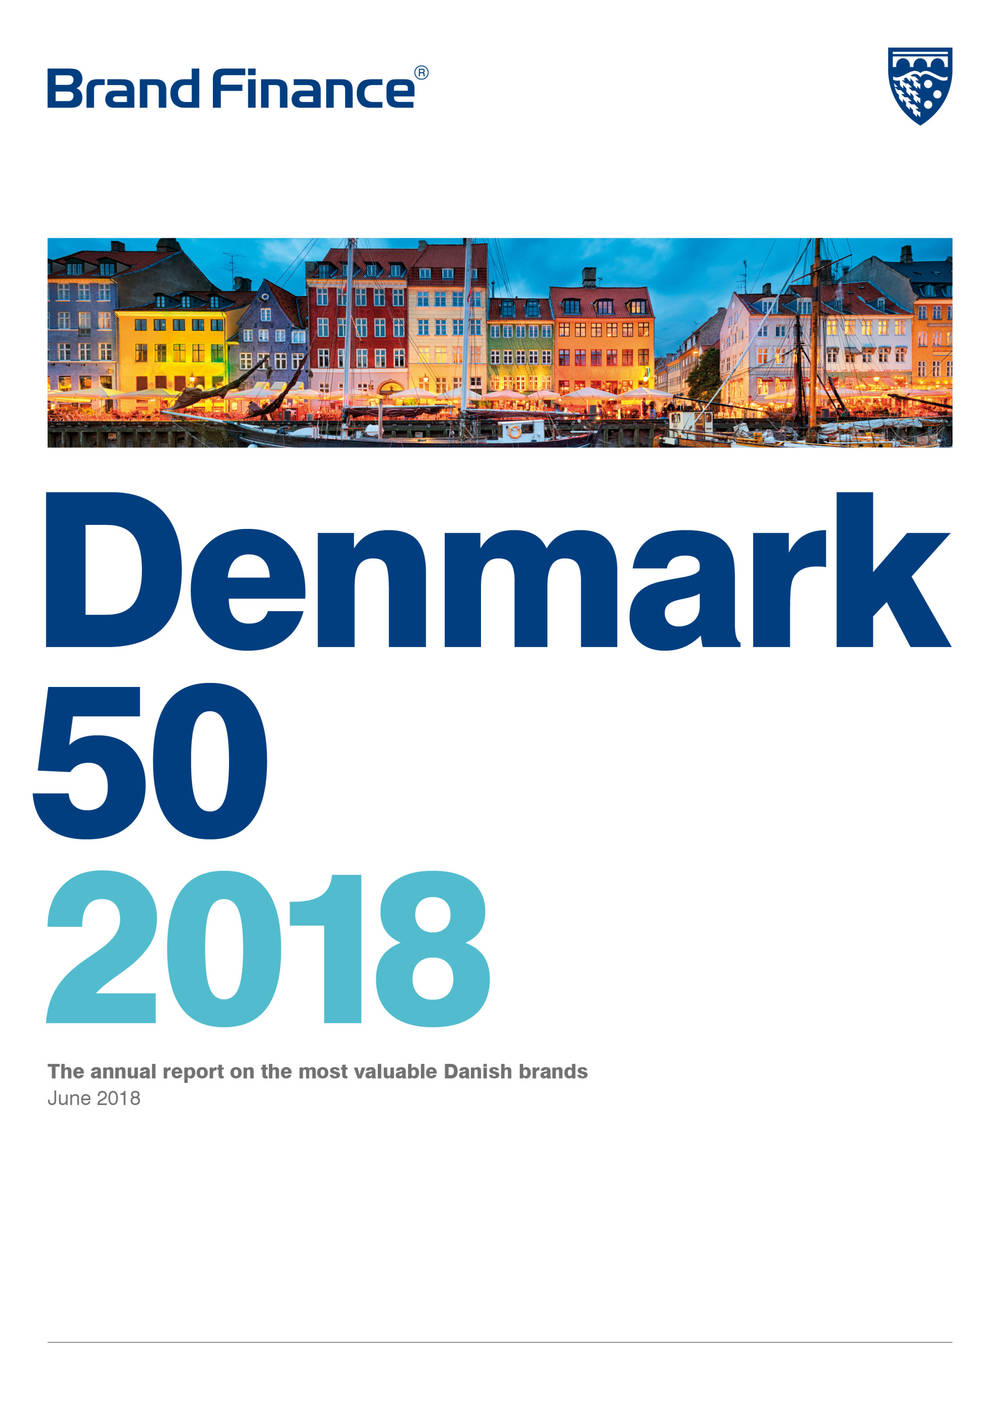 Brand Finance Denmark 50 2018